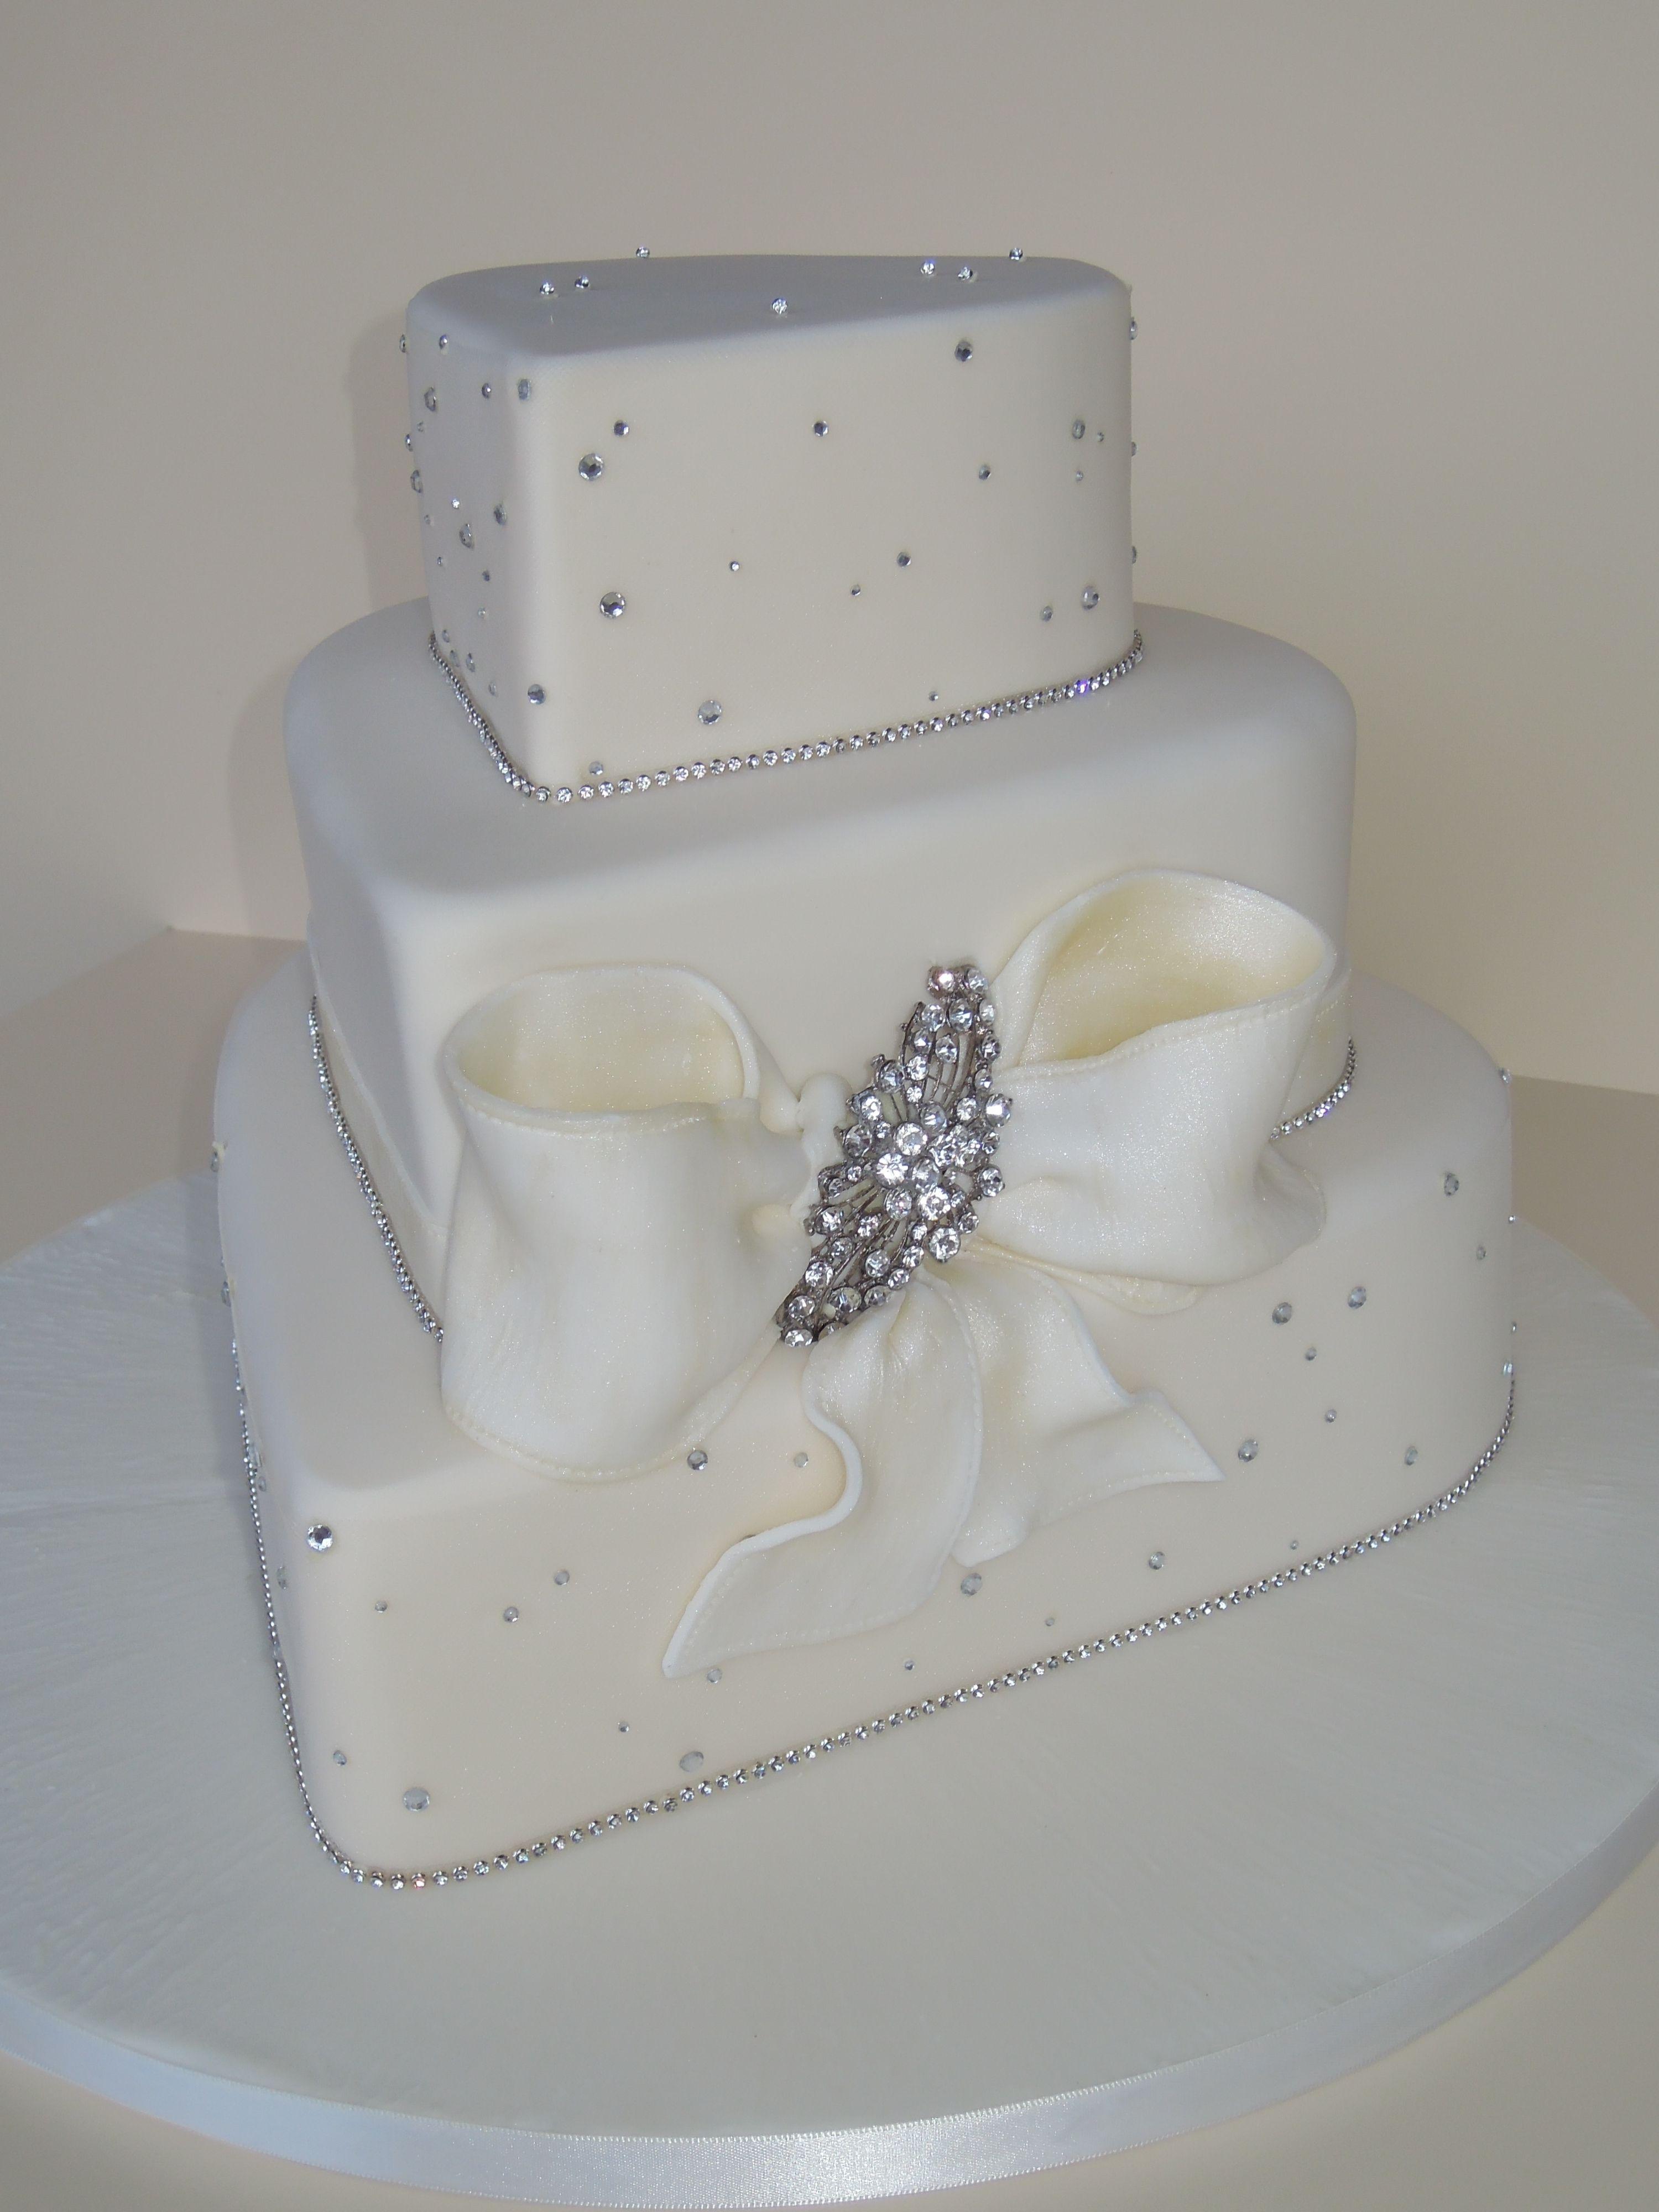 [100] [van earl cakes silver bling wedding cake] 162